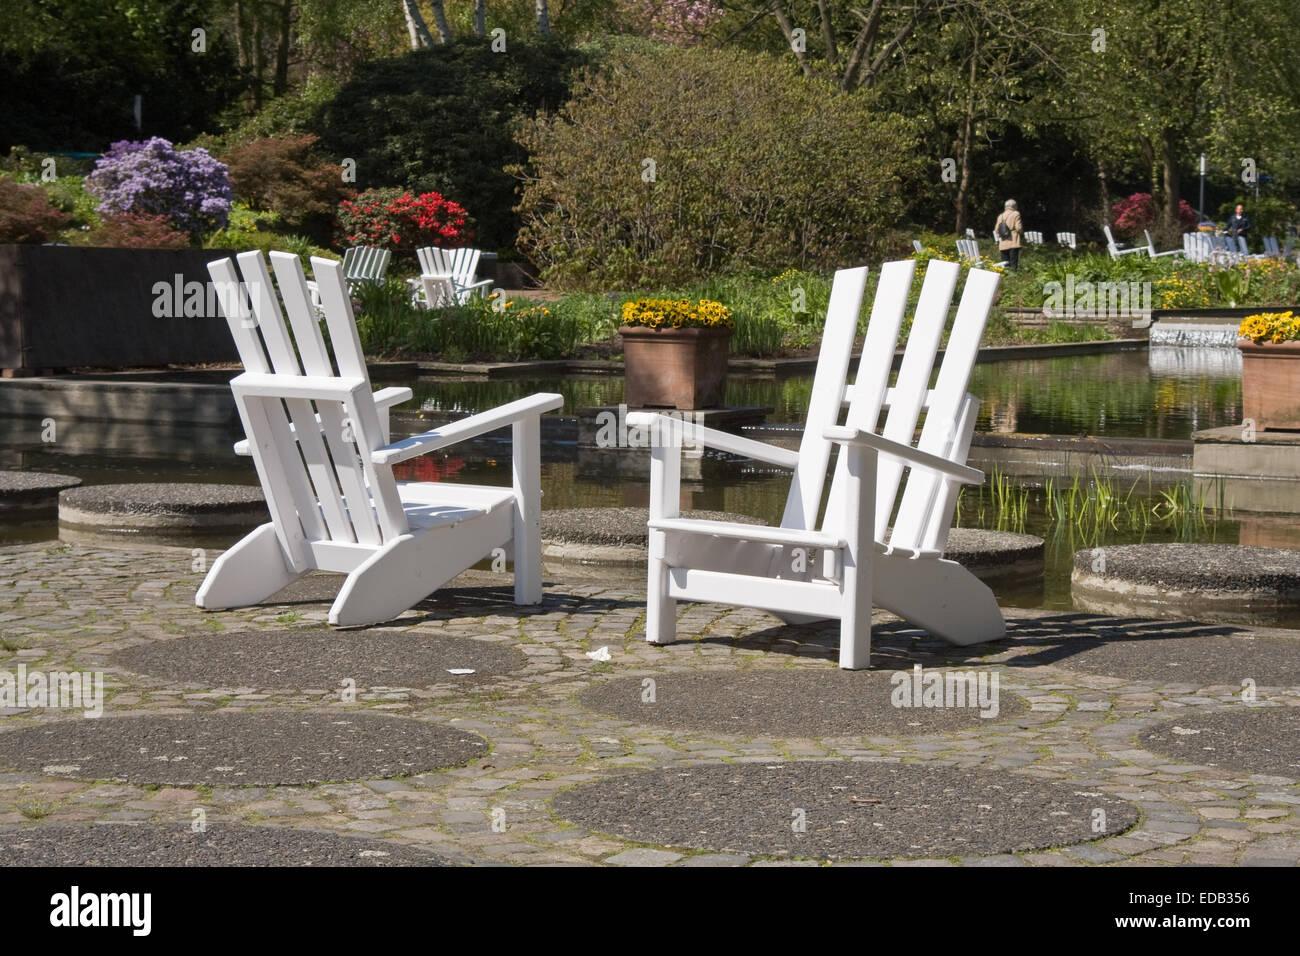 Europa, Deutschland, Hamburg, Planten und Blomen, zwei Gartenstuehle im Park - Stock Image